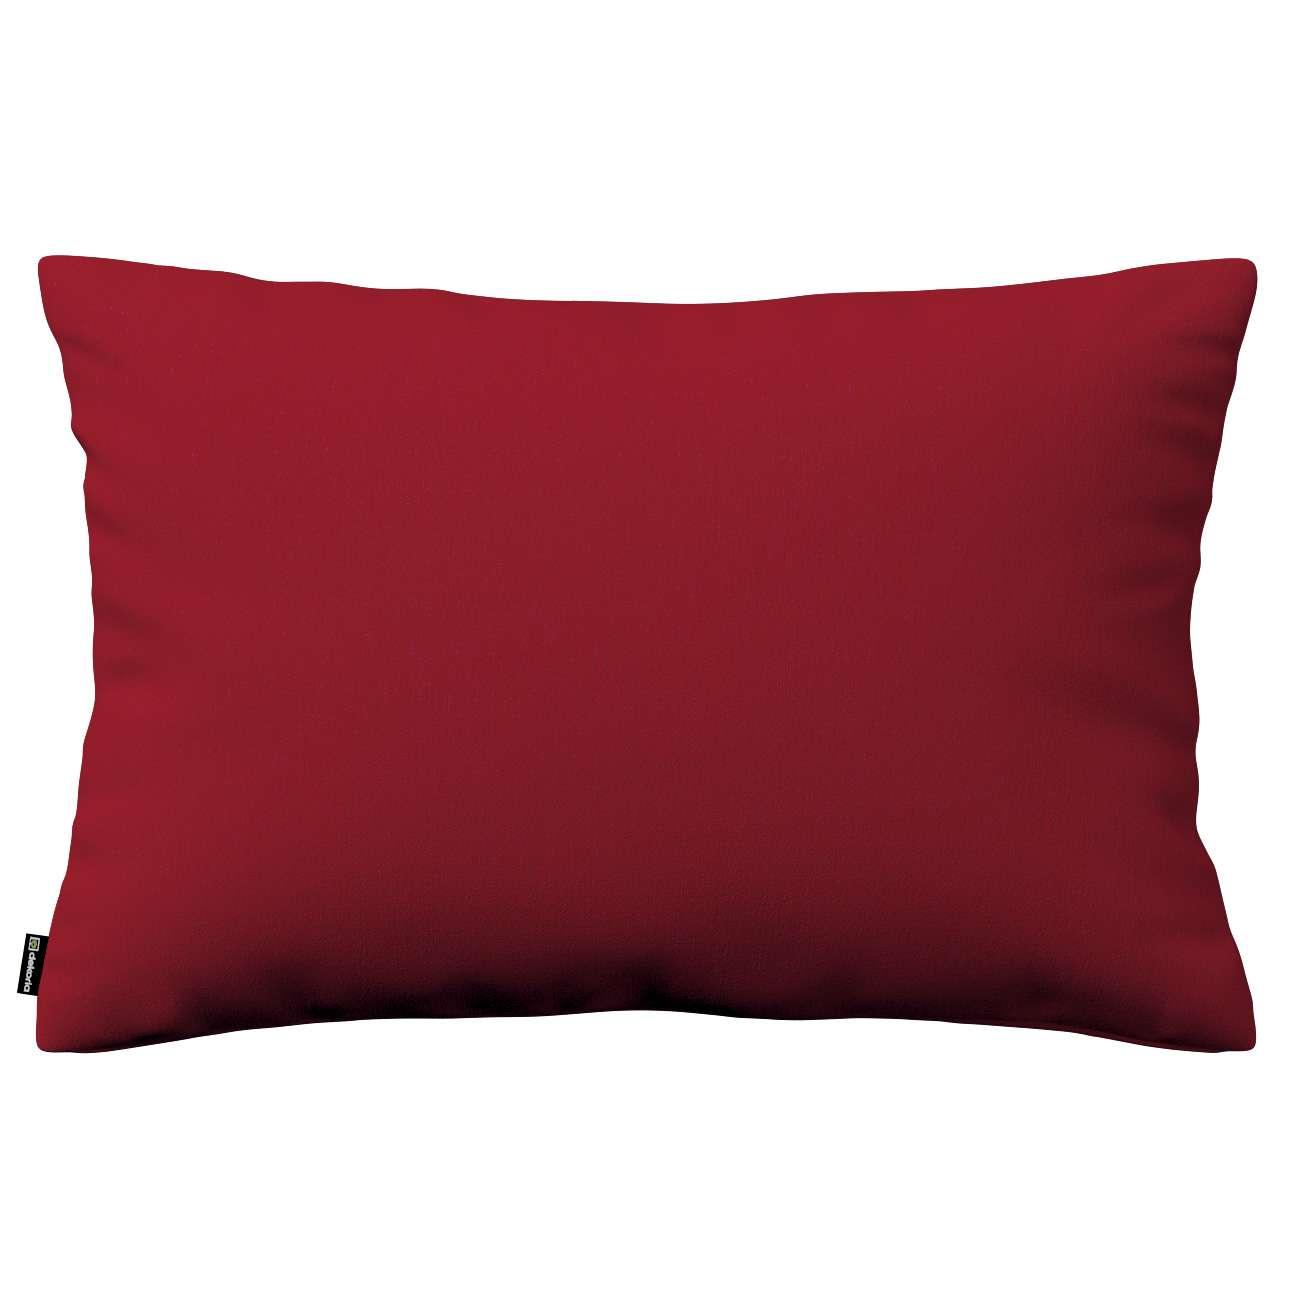 Kinga dekoratyvinės pagalvėlės užvalkalas 60x40cm 60x40cm kolekcijoje Chenille, audinys: 702-24